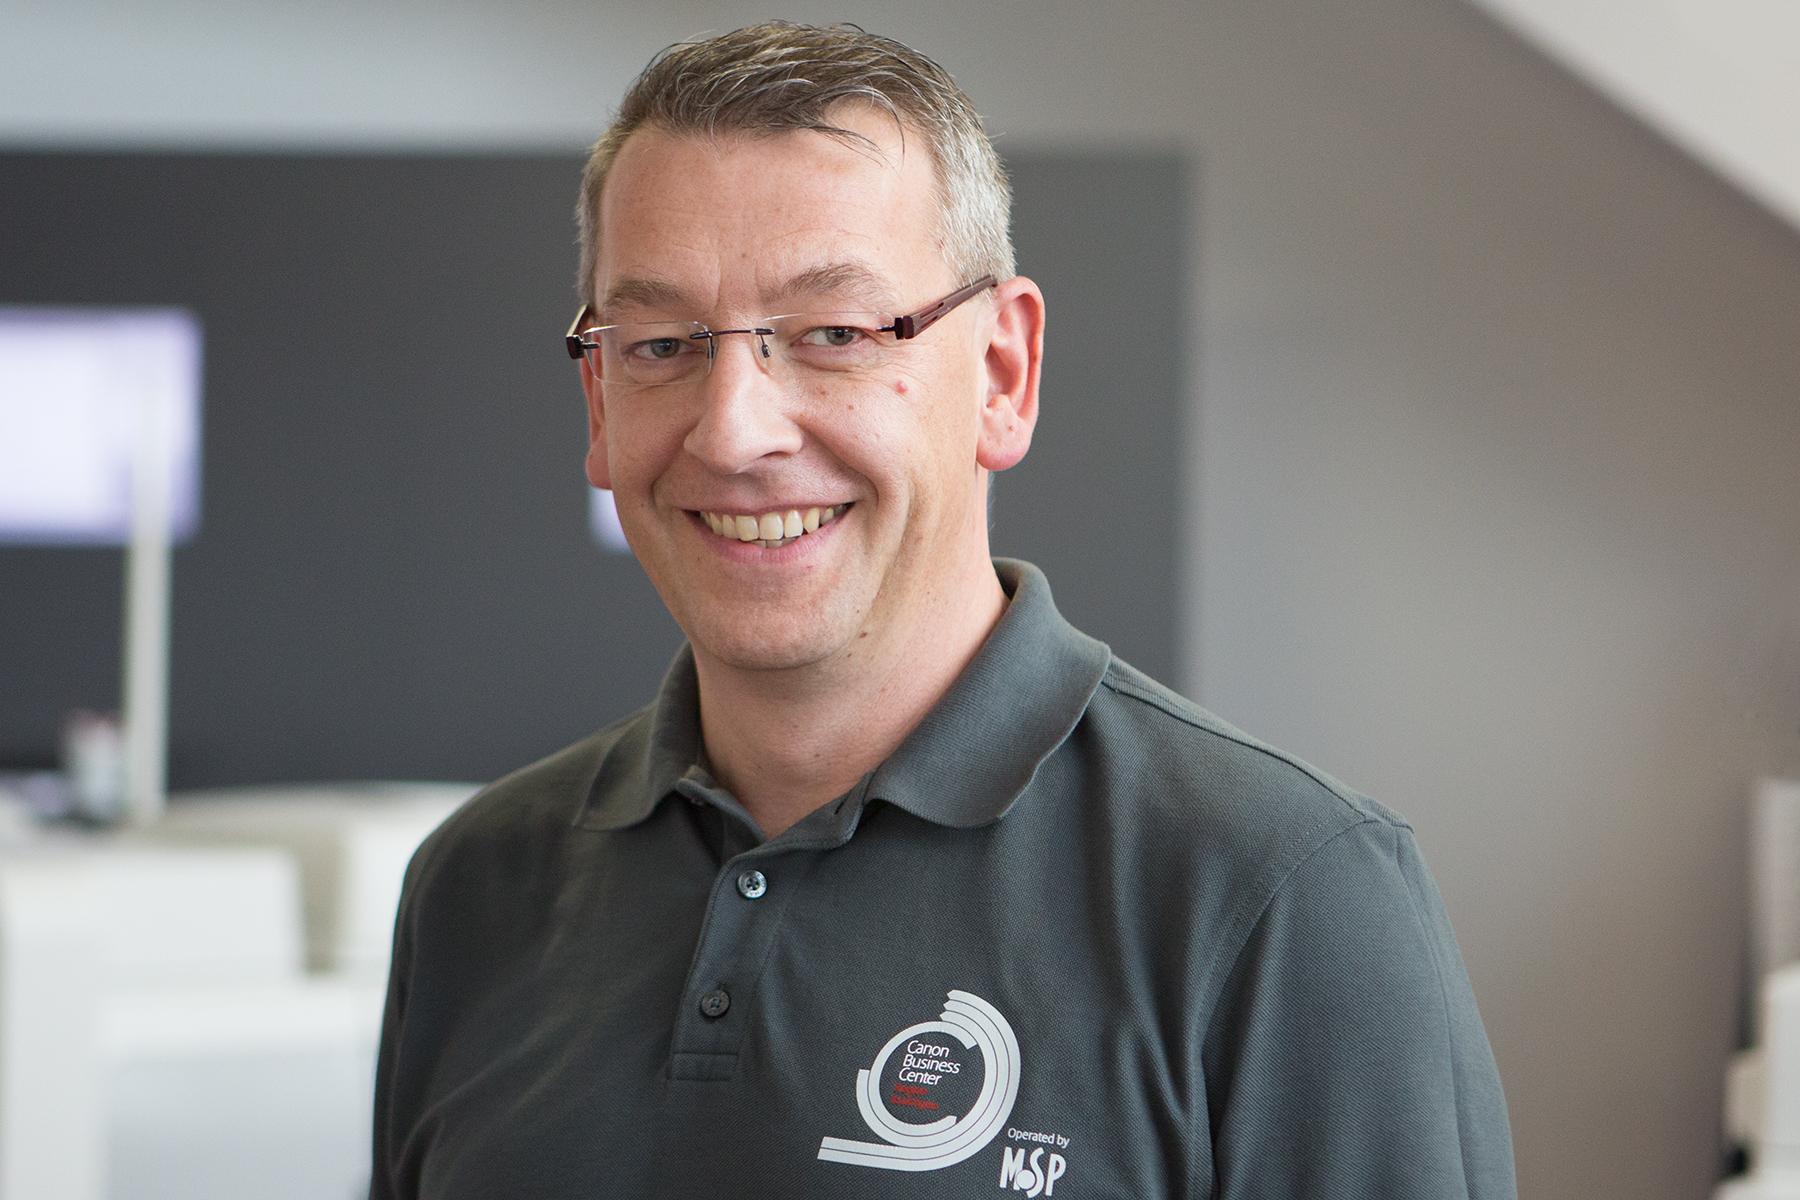 Uwe Ritter